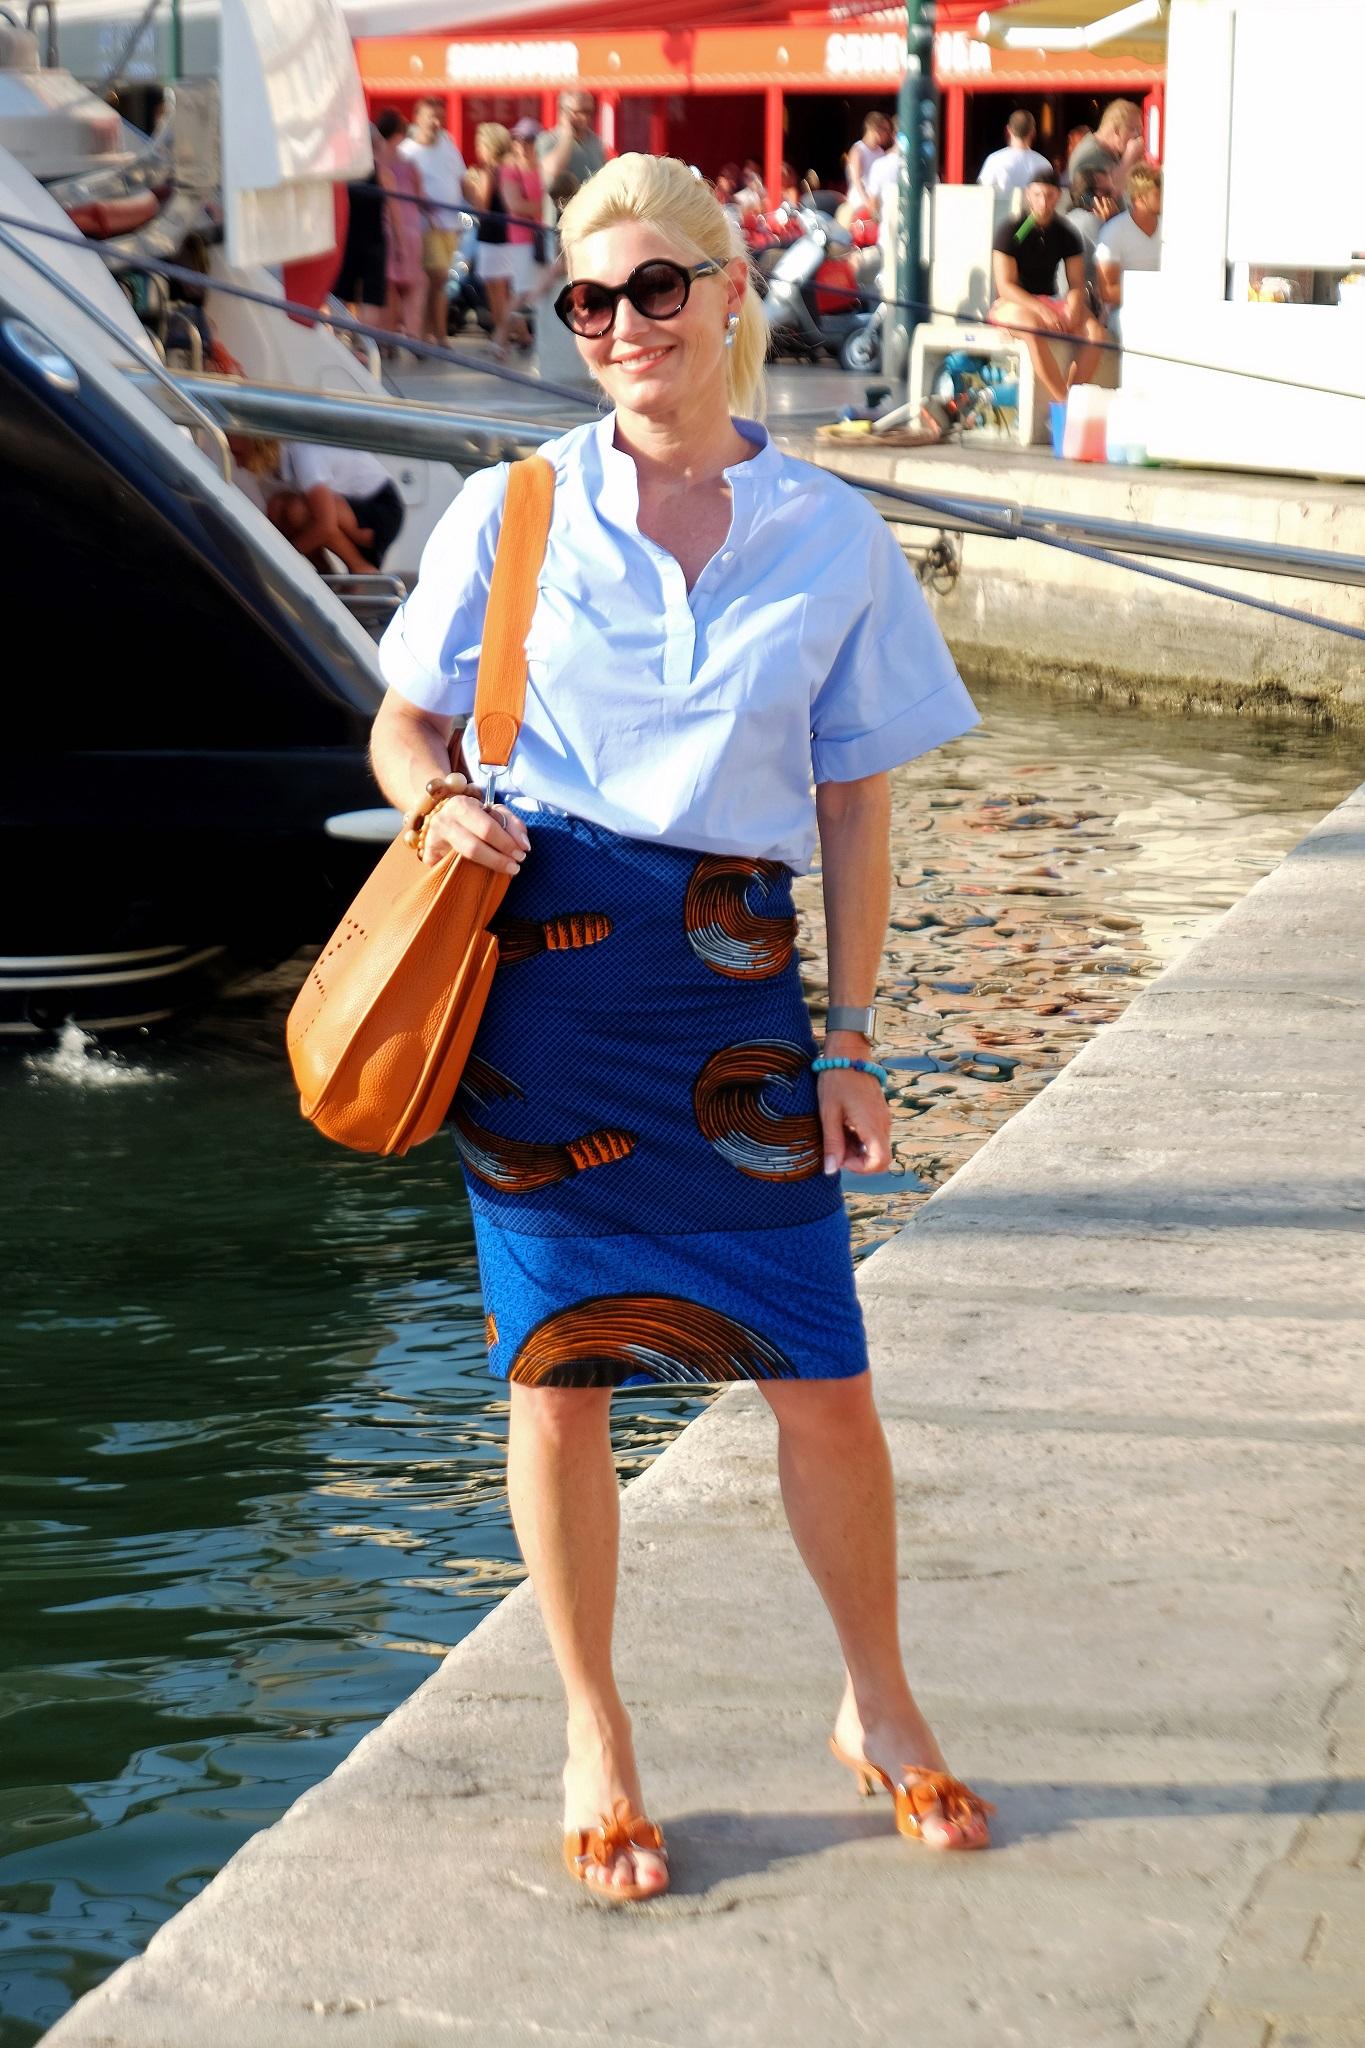 Lieblingsstil collection, skirt blau orange, Oversizebluse hellblau, Rock blau orange, Oversize blouse light blue, fashion blog, Modeblog, Lieblingsstil